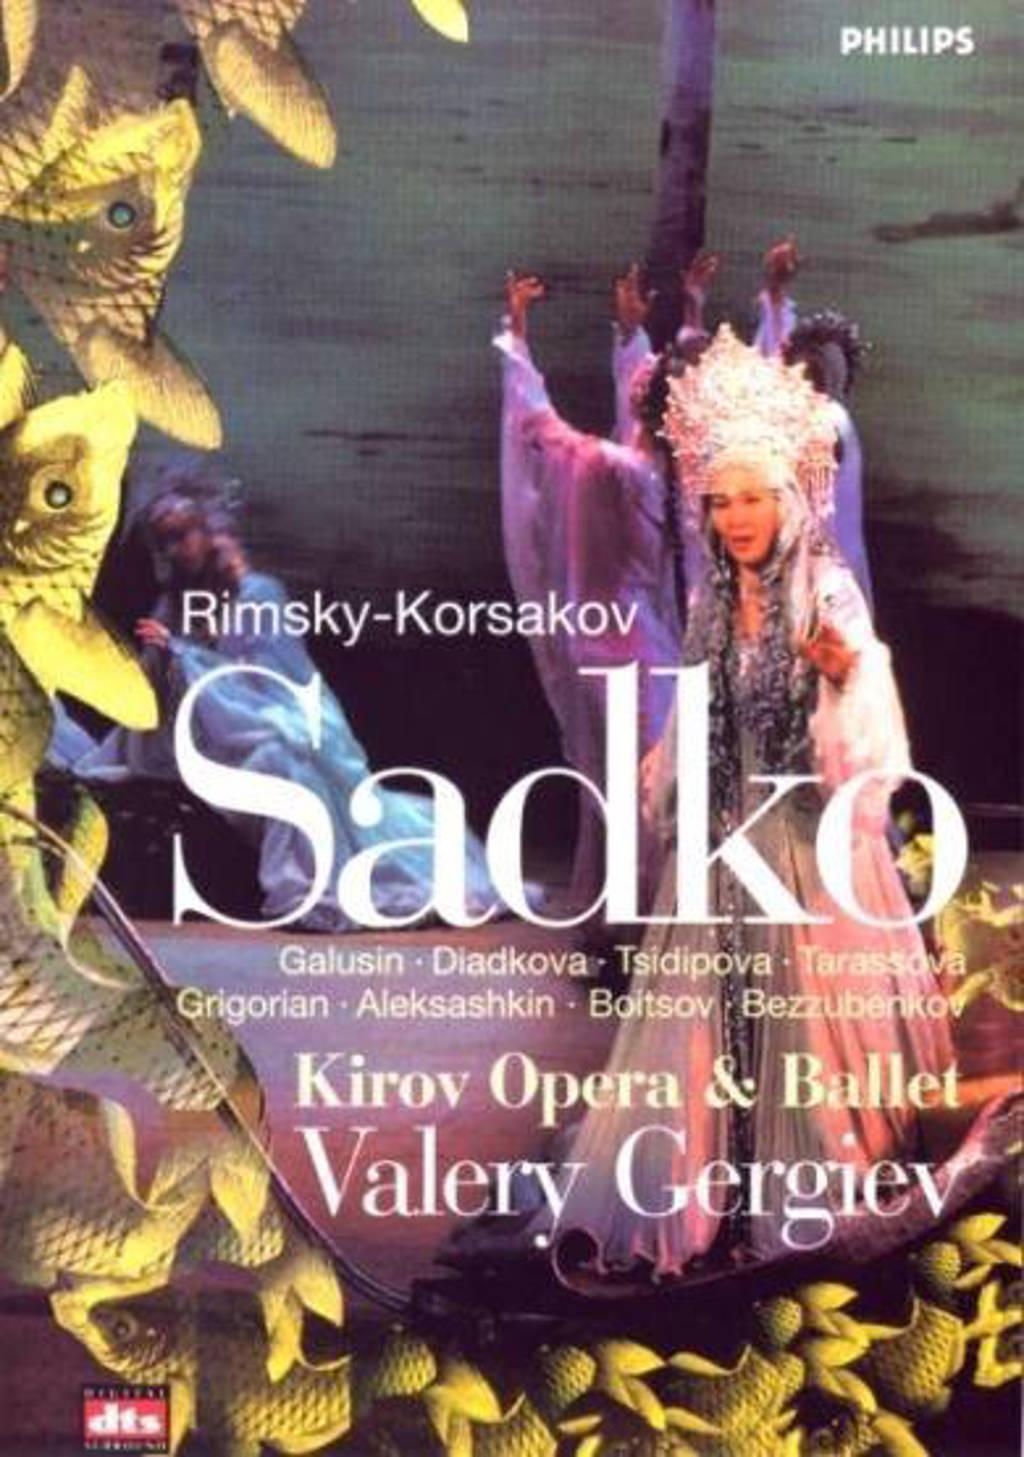 rimsky-korsakov-sadko-dvd-0044007043998